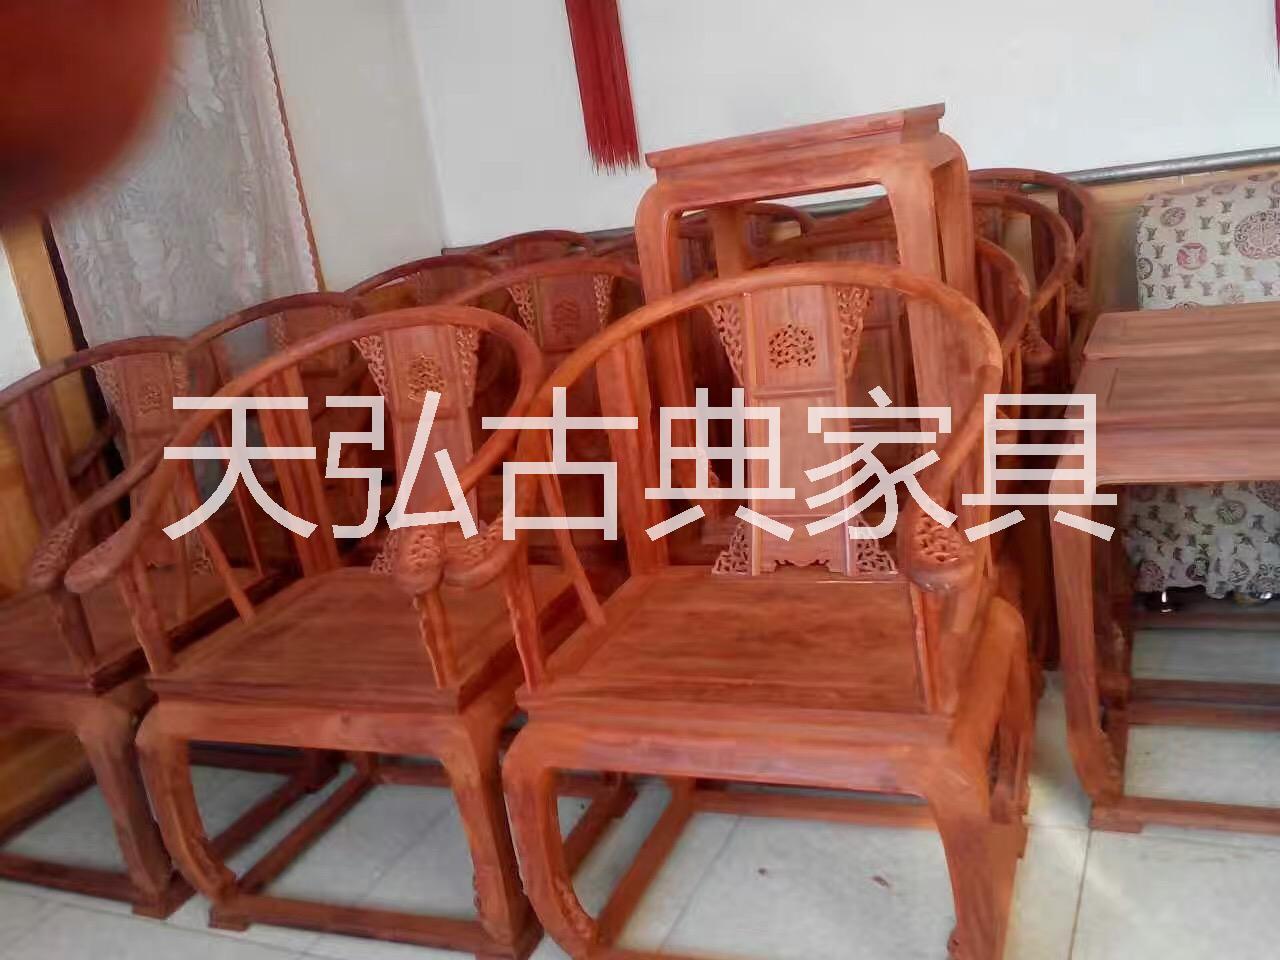 新疆皇宫椅批发,新疆皇宫椅厂里直销,新疆皇宫椅价格